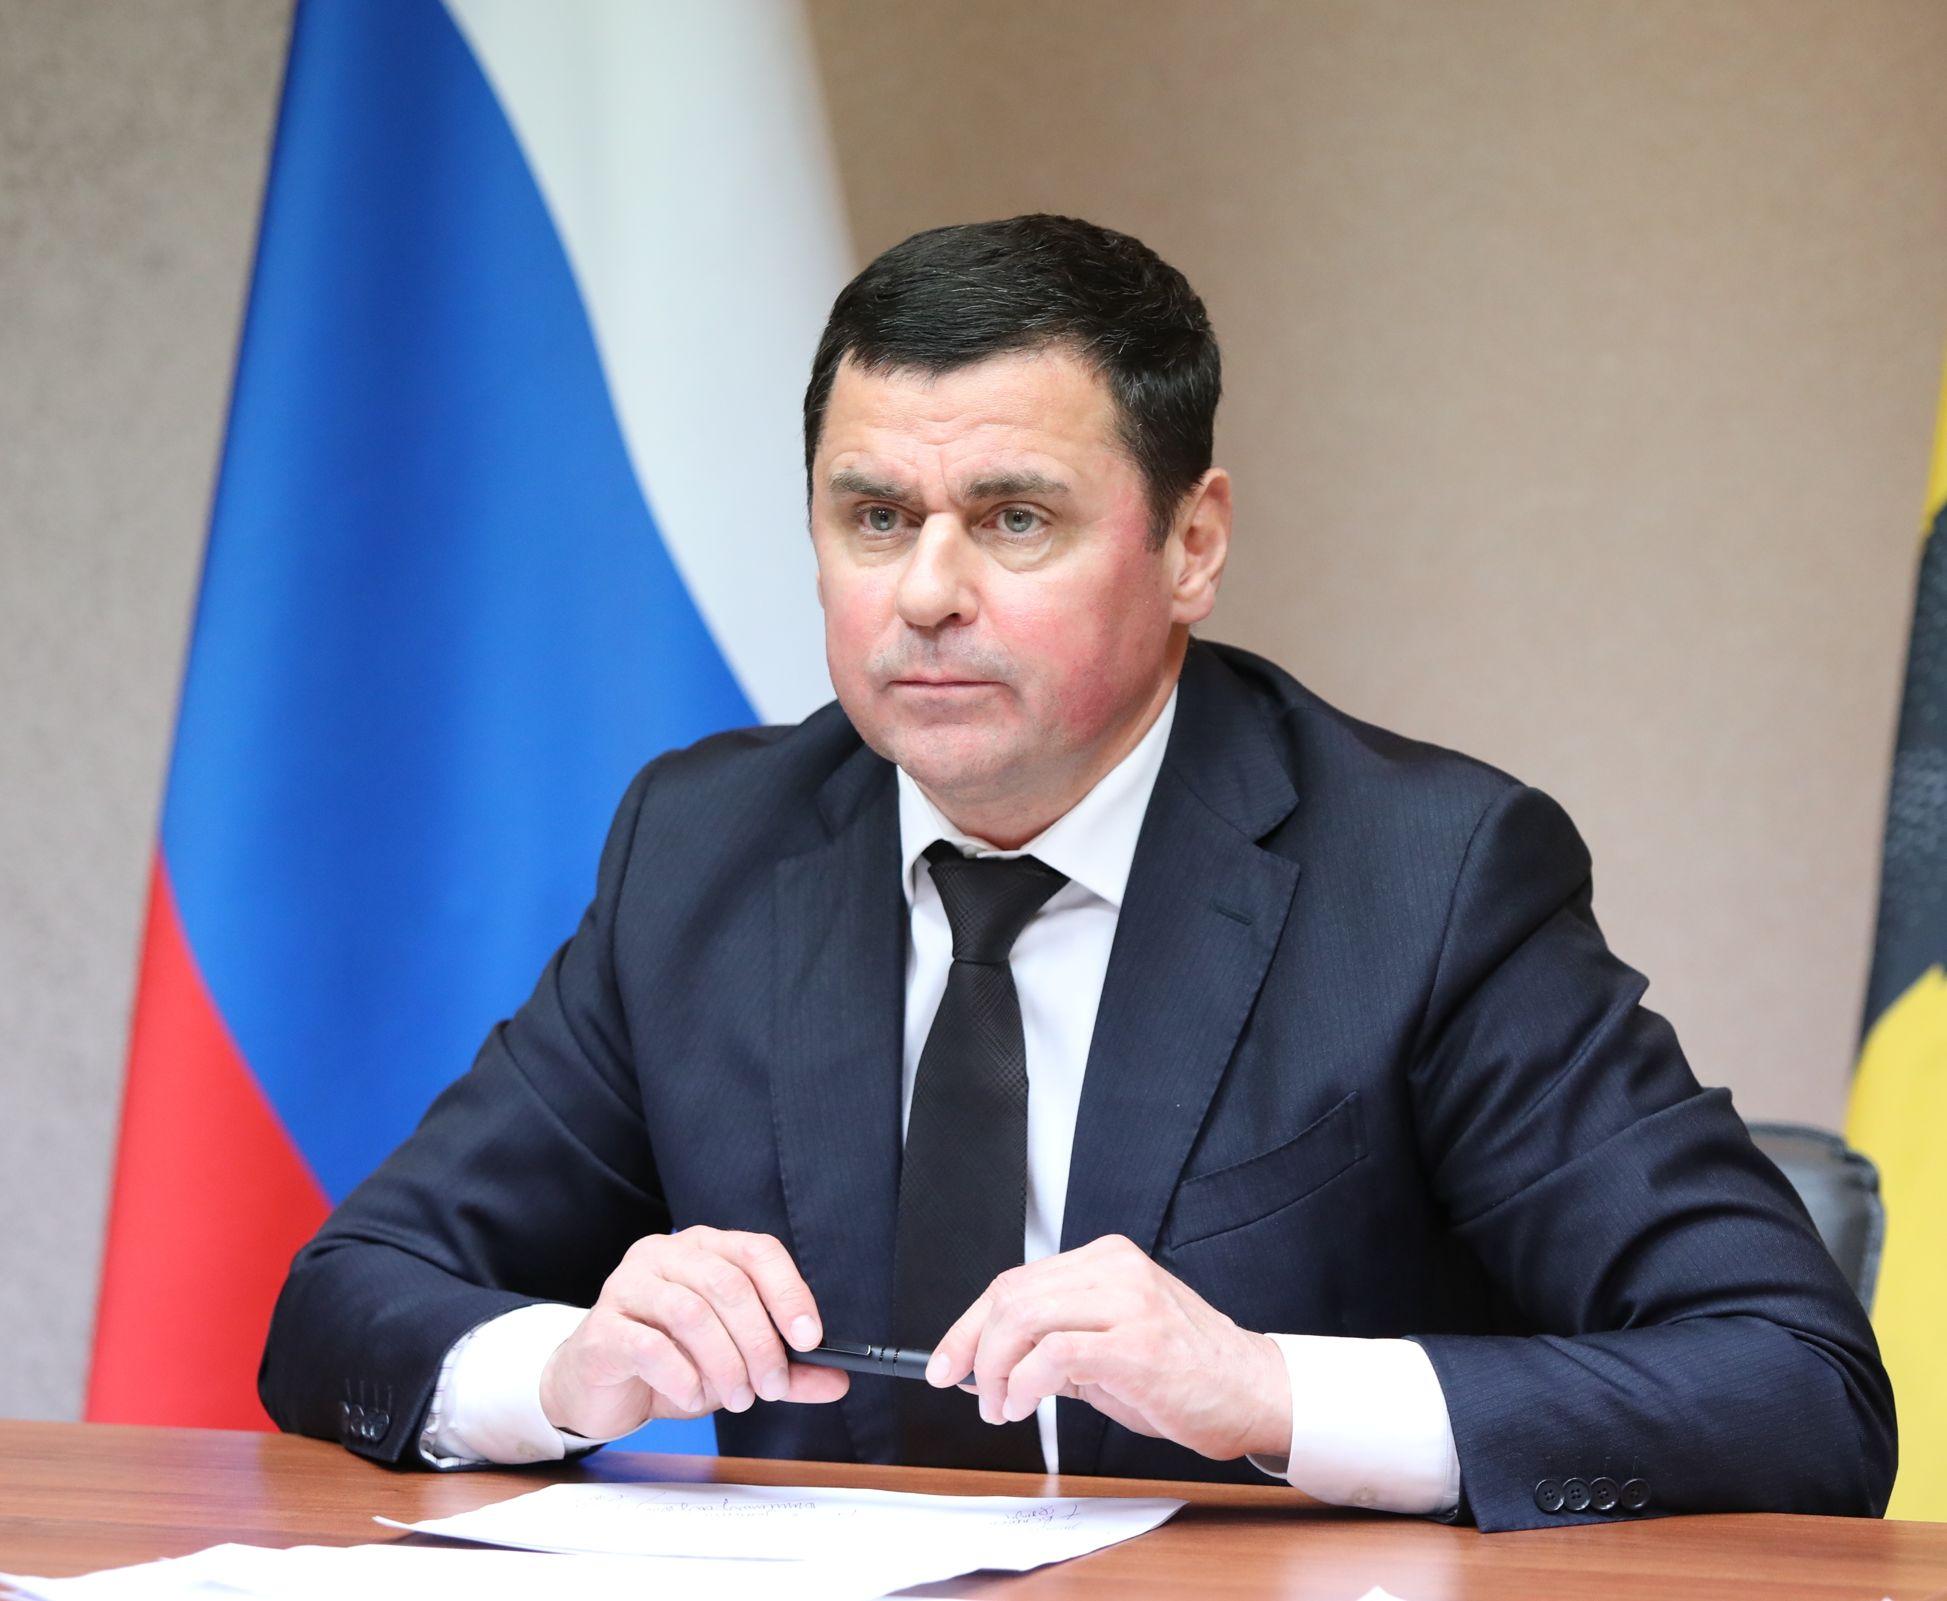 Дмитрия Миронова чаще упоминают в положительном ключе в соцсетях